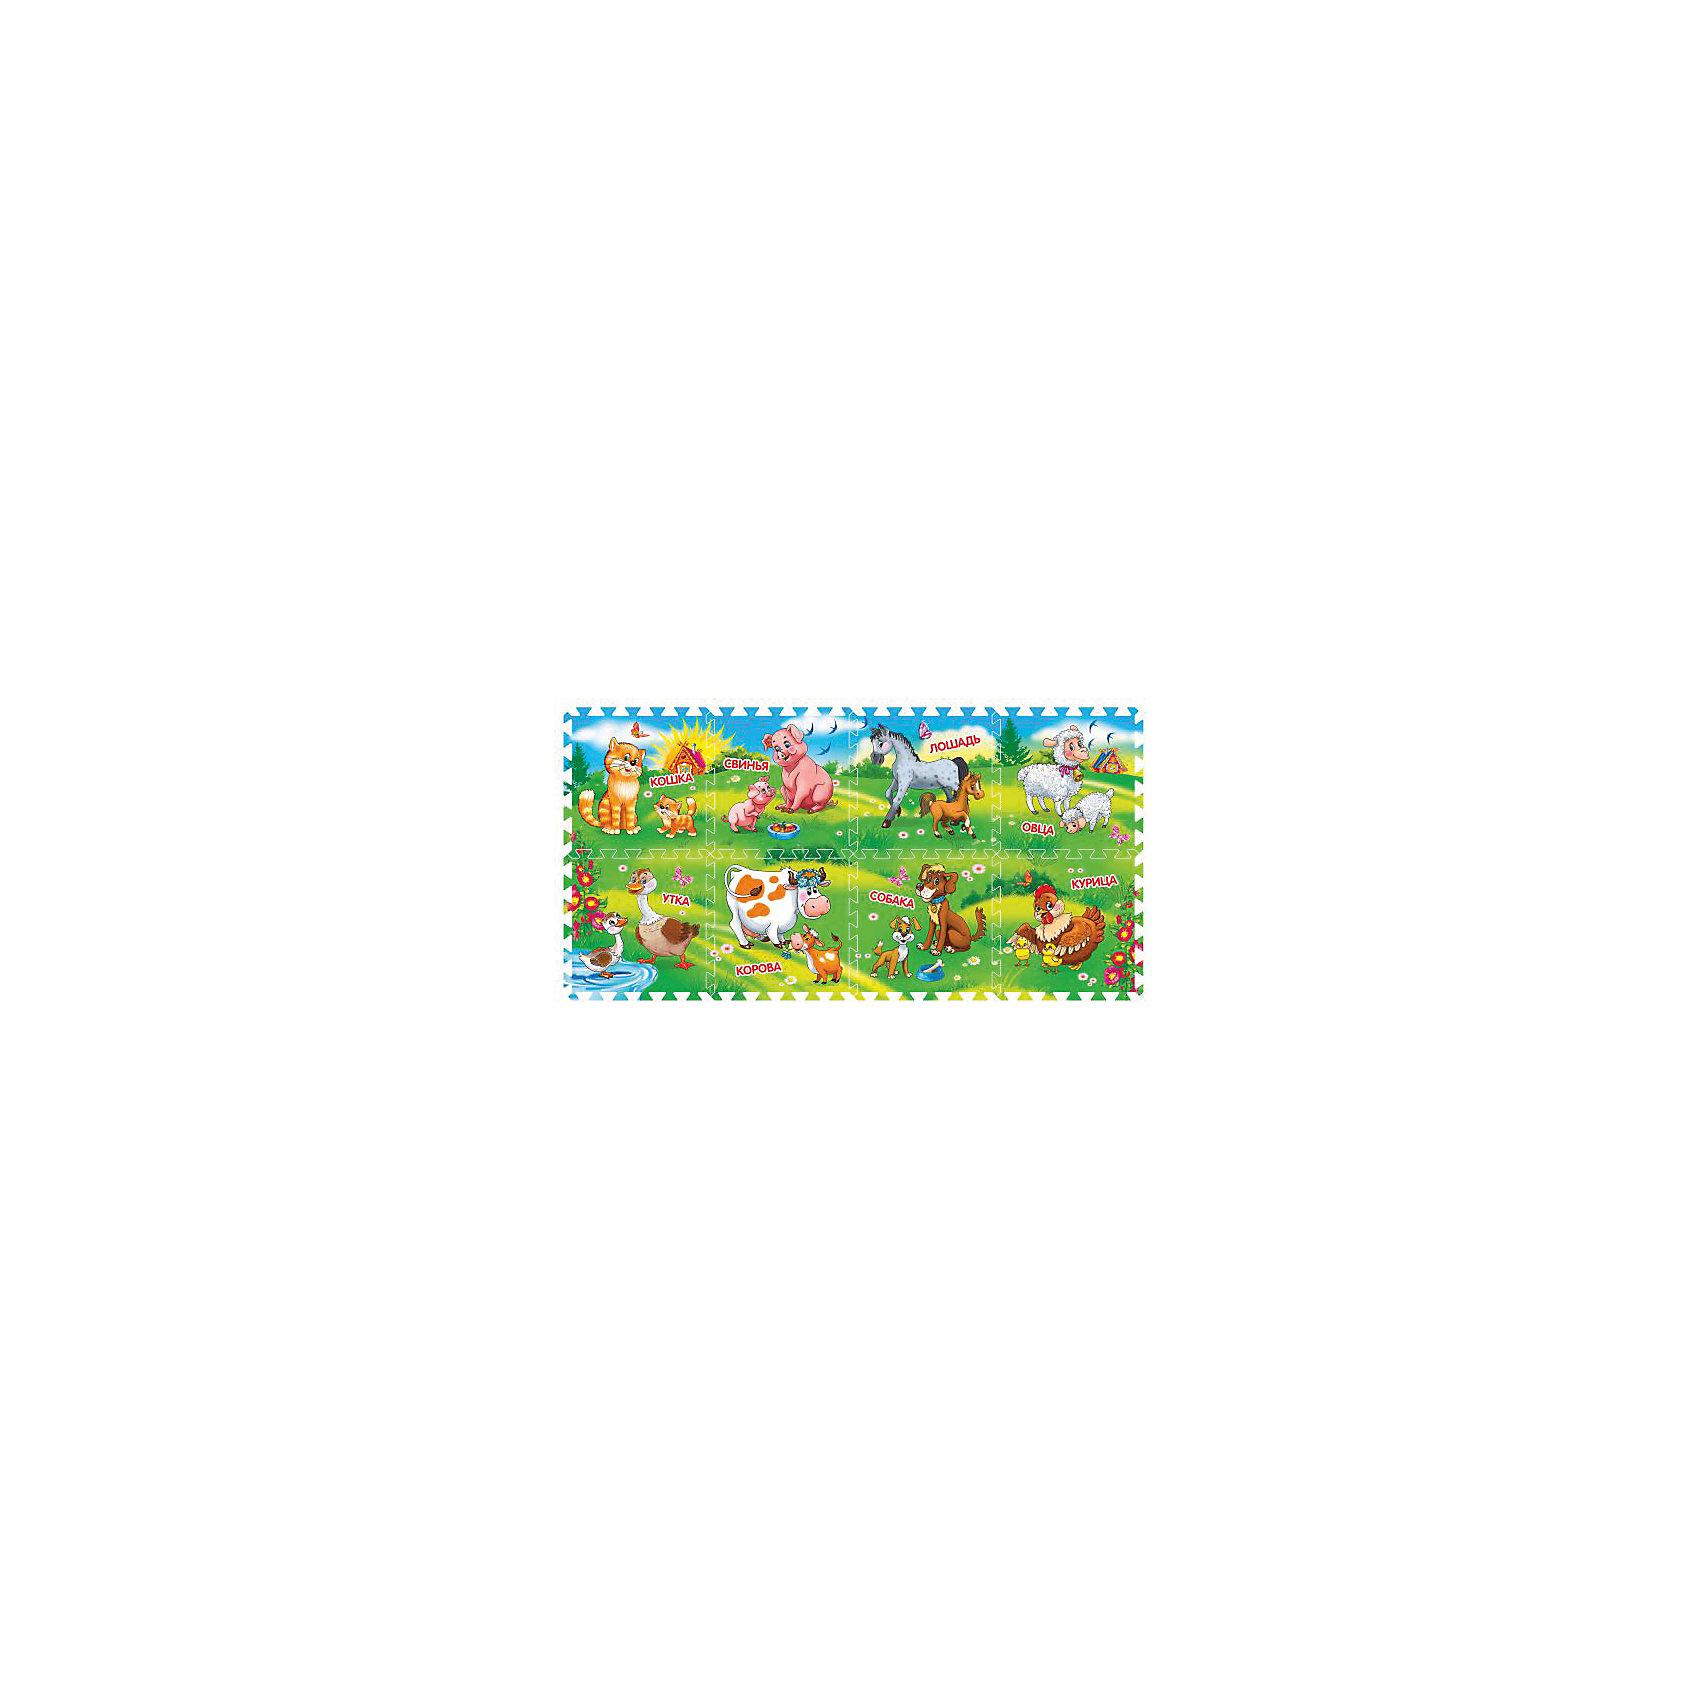 Коврик-пазл Домашние животные 8 сегментов, Играем вместеРазвивающие коврики<br>Коврик-пазл Домашние животные 8 сегментов, Играем вместе<br><br>Характеристики:<br><br>• красочная картинка<br>• обладает теплоизоляционными свойствами<br>• материал: вспененный пластик <br>• количество сегментов: 8<br>• размер сегмента: 31,5х1х31,5 см<br>• размер упаковки: 32х8х32 см<br>• вес: 600 грамм<br><br>Игра с ковриком-пазлом - очень увлекательное и полезное занятие. Ребенок сможет самостоятельно собрать коврик из восьми деталей, ориентируясь на картинку. После того, как пазл будет собран, кроха с удовольствием будет играть на коврике и даже придумает интересную историю про домашних животных. Коврик можно использовать не только дома, но и на пляже или во время прогулки. Такая занимательная игра непременно понравится ребенку!<br><br>Коврик-пазл Домашние животные 8 сегментов, Играем вместе вы можете купить в нашем интернет-магазине.<br><br>Ширина мм: 80<br>Глубина мм: 320<br>Высота мм: 320<br>Вес г: 580<br>Возраст от месяцев: 12<br>Возраст до месяцев: 3<br>Пол: Унисекс<br>Возраст: Детский<br>SKU: 4950460